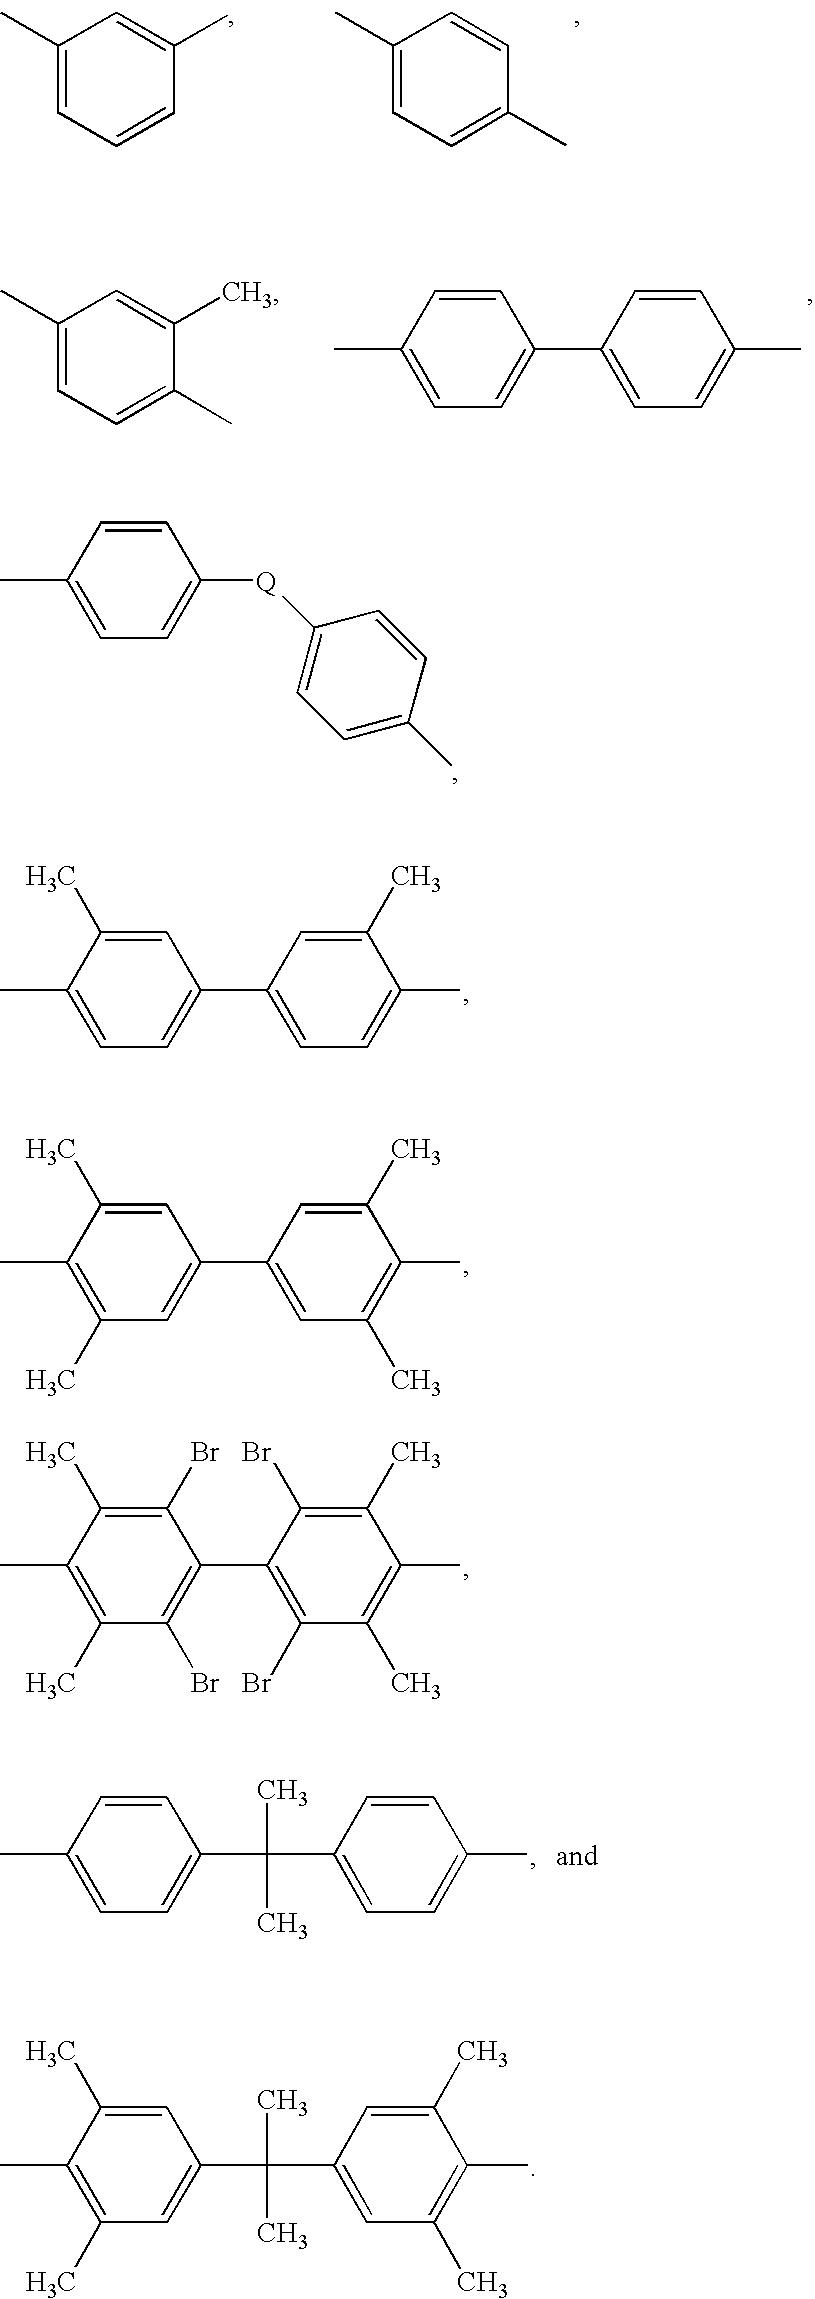 Figure US20070265420A1-20071115-C00005